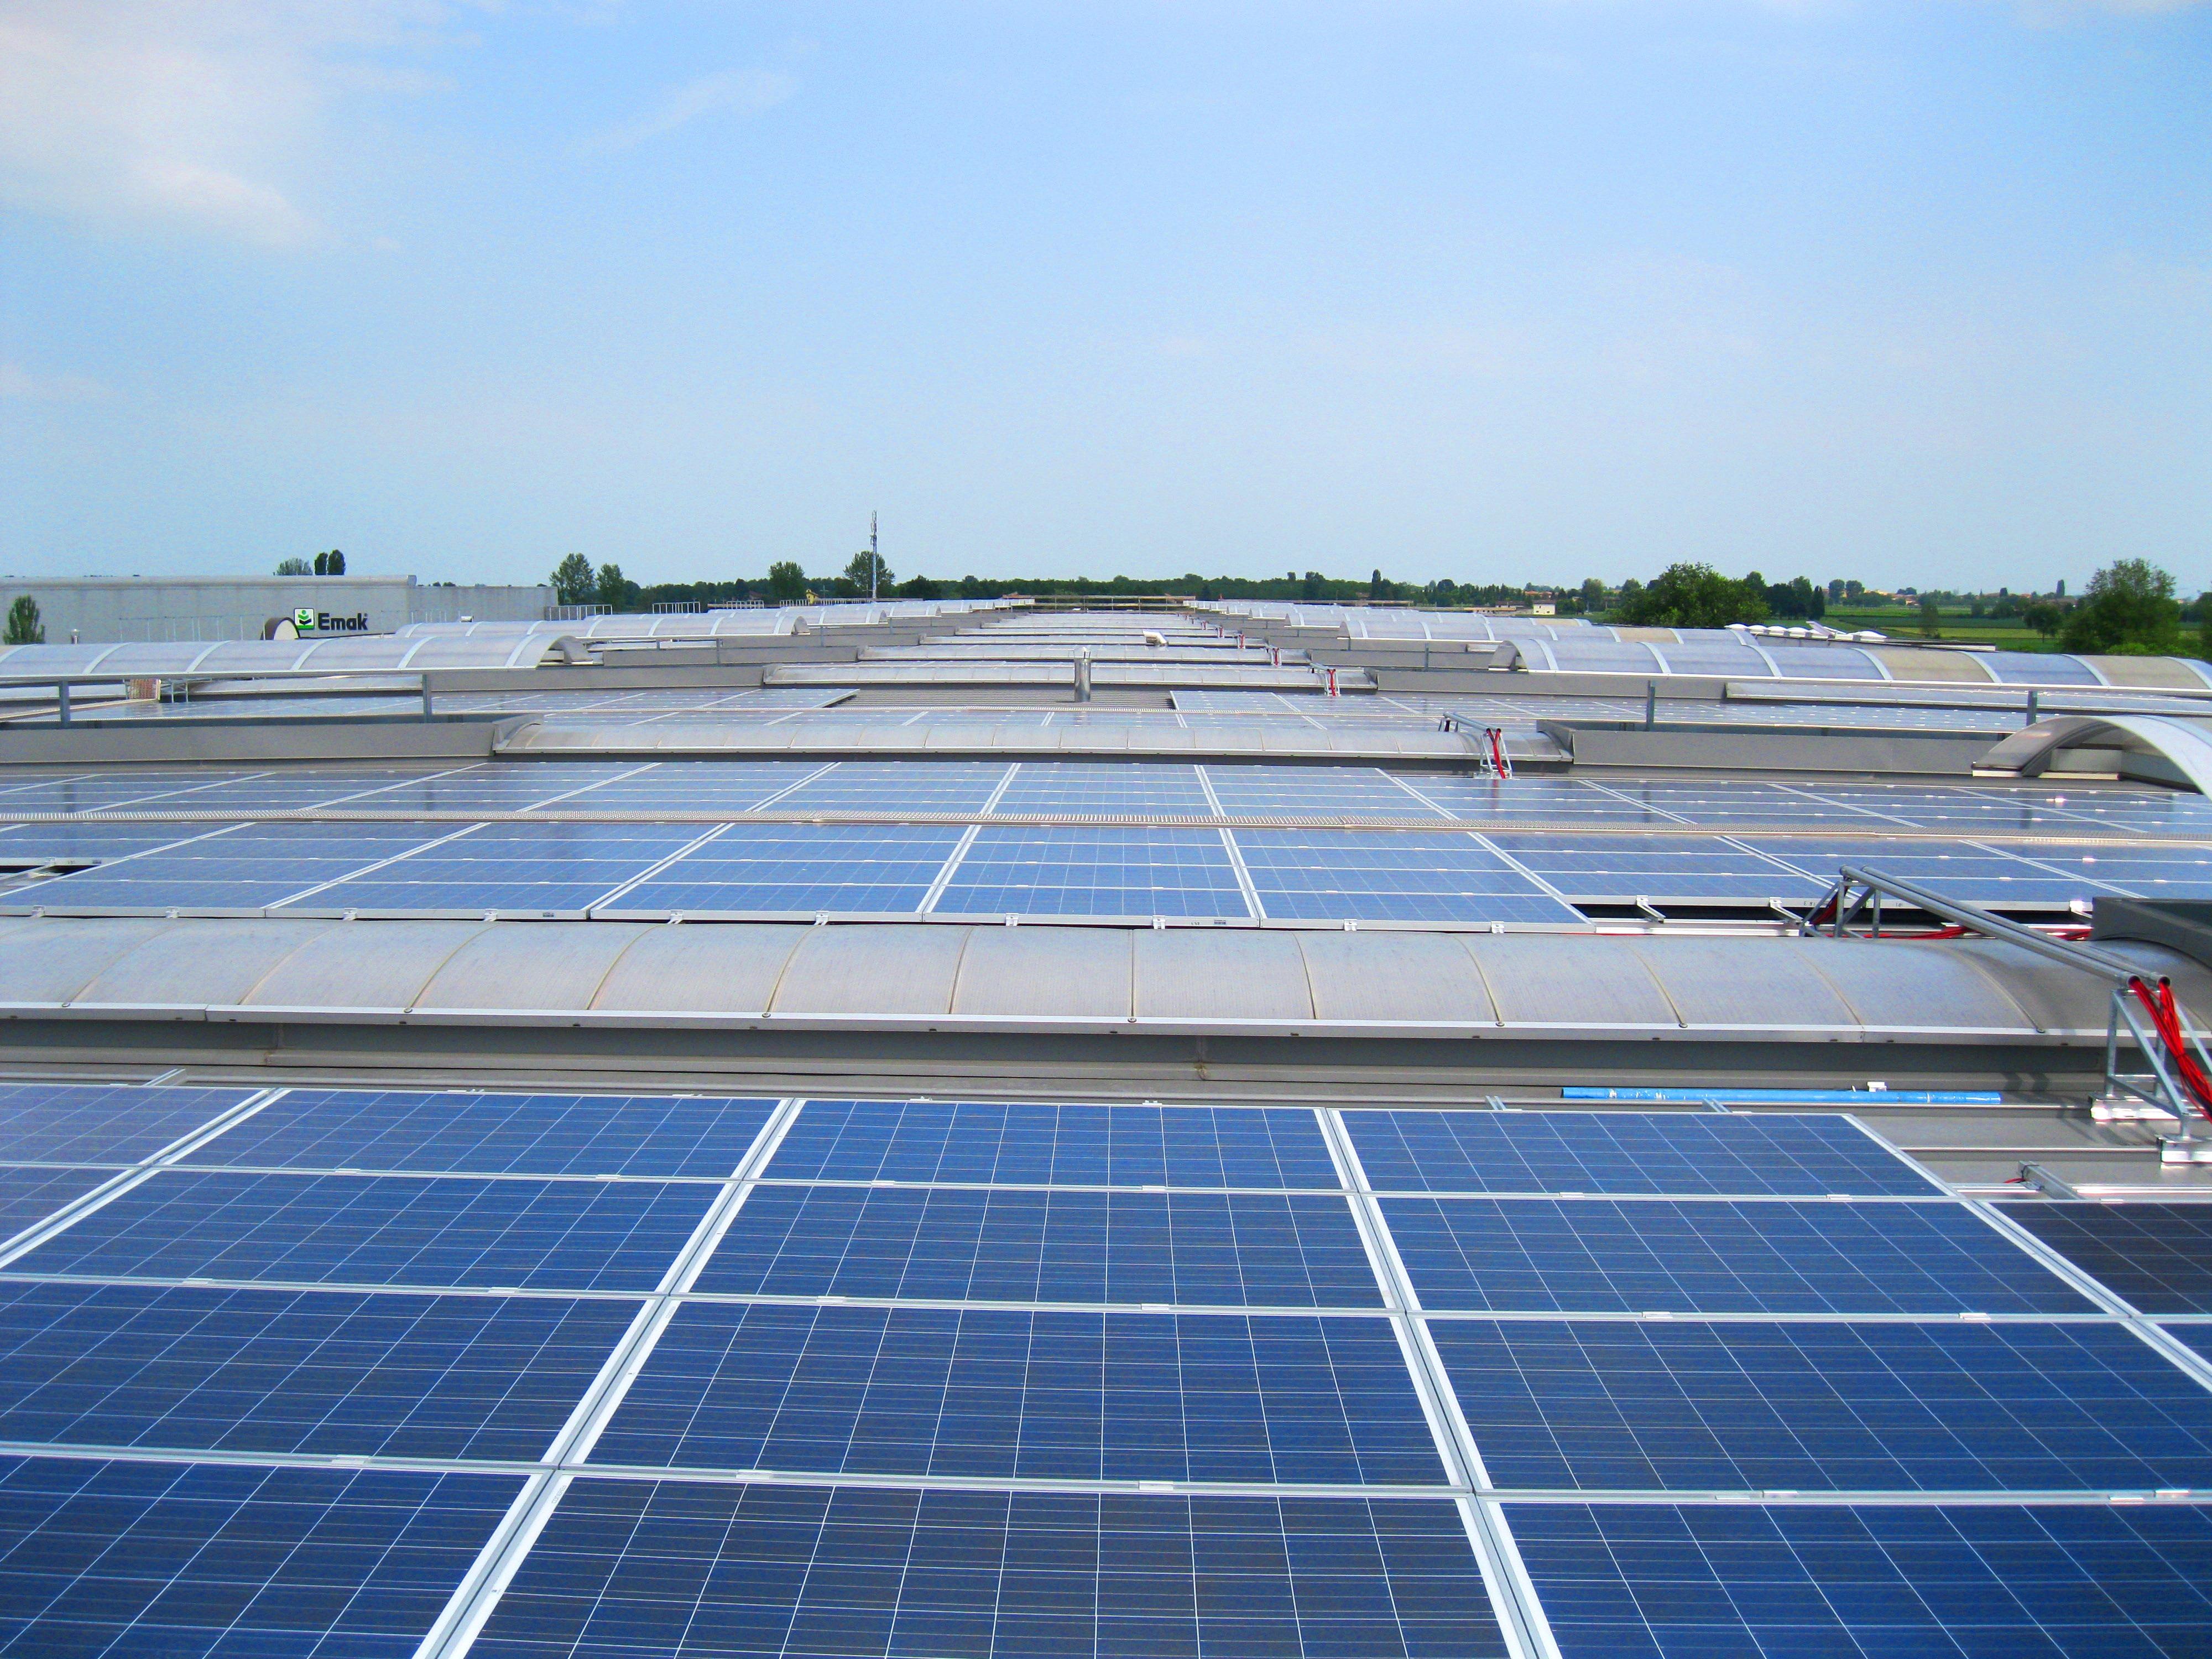 Conergy finaliza una instalación de energía solar fotovoltaica en Italia